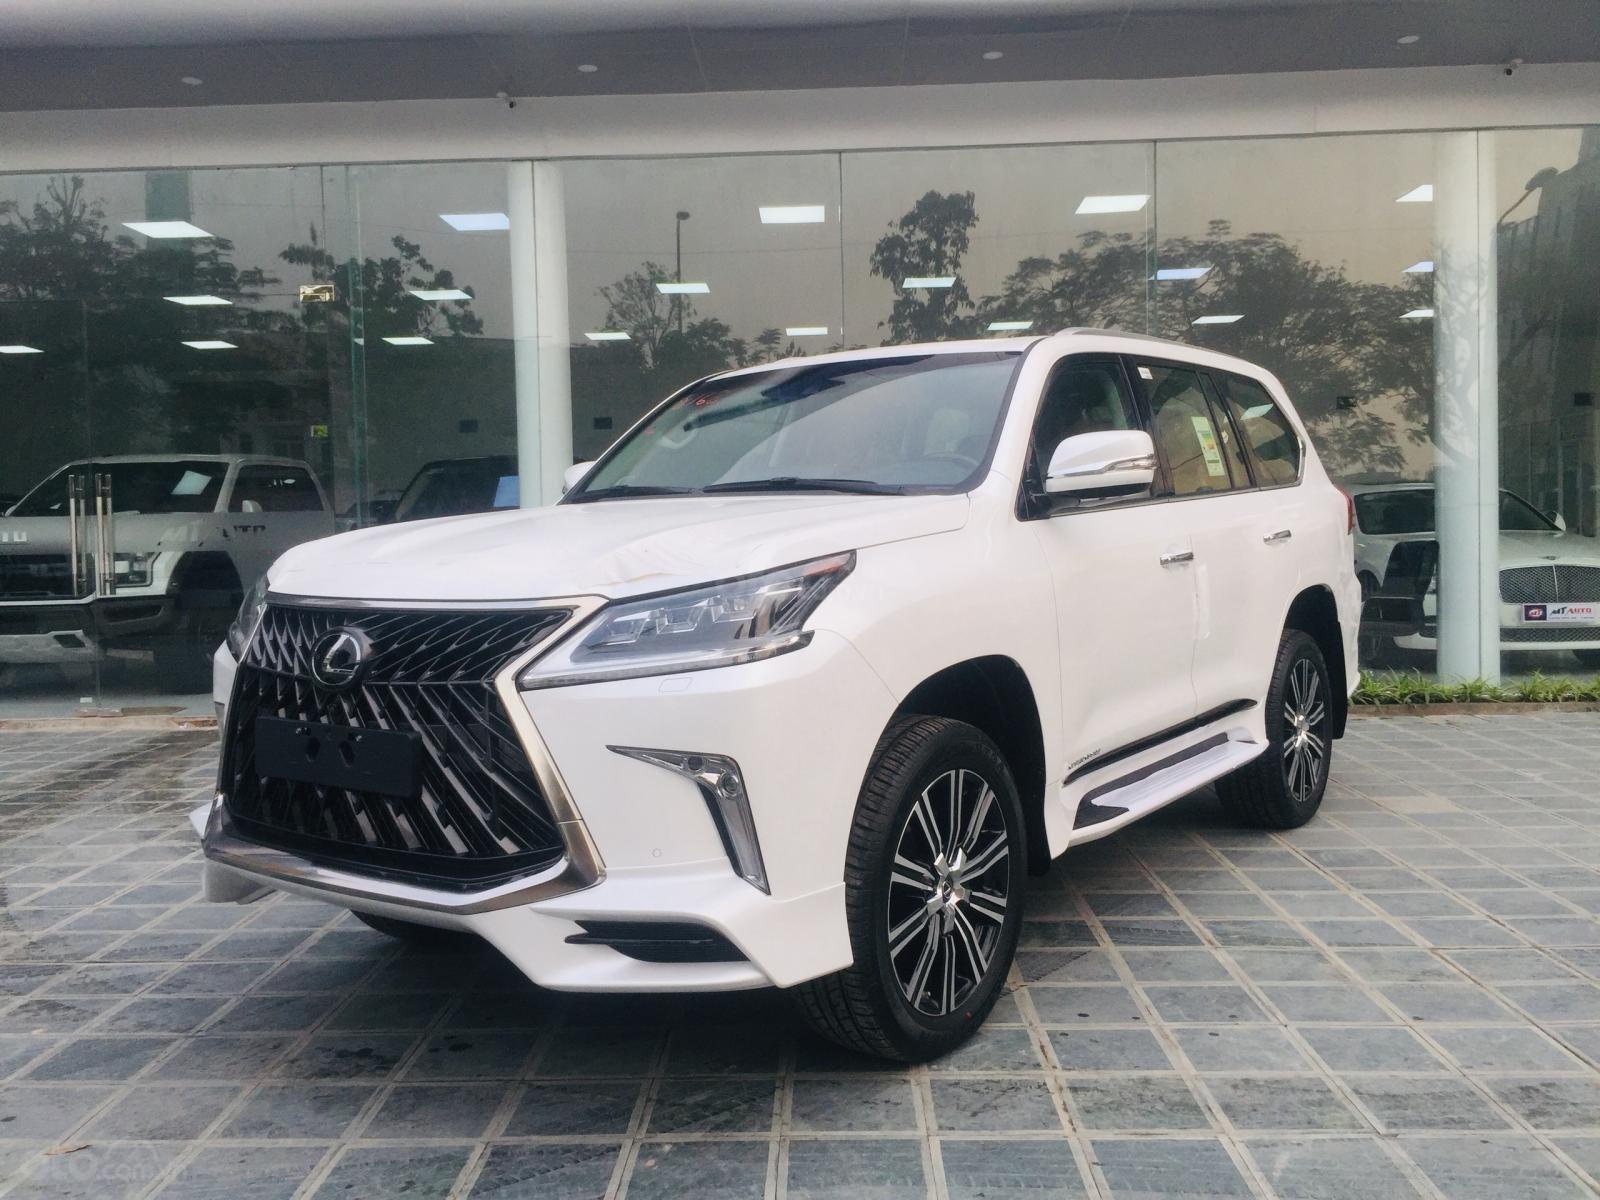 Bán xe Lexus LX 570s Super Sports SX 2019, màu trắng, nhập khẩu Trung Đông (1)